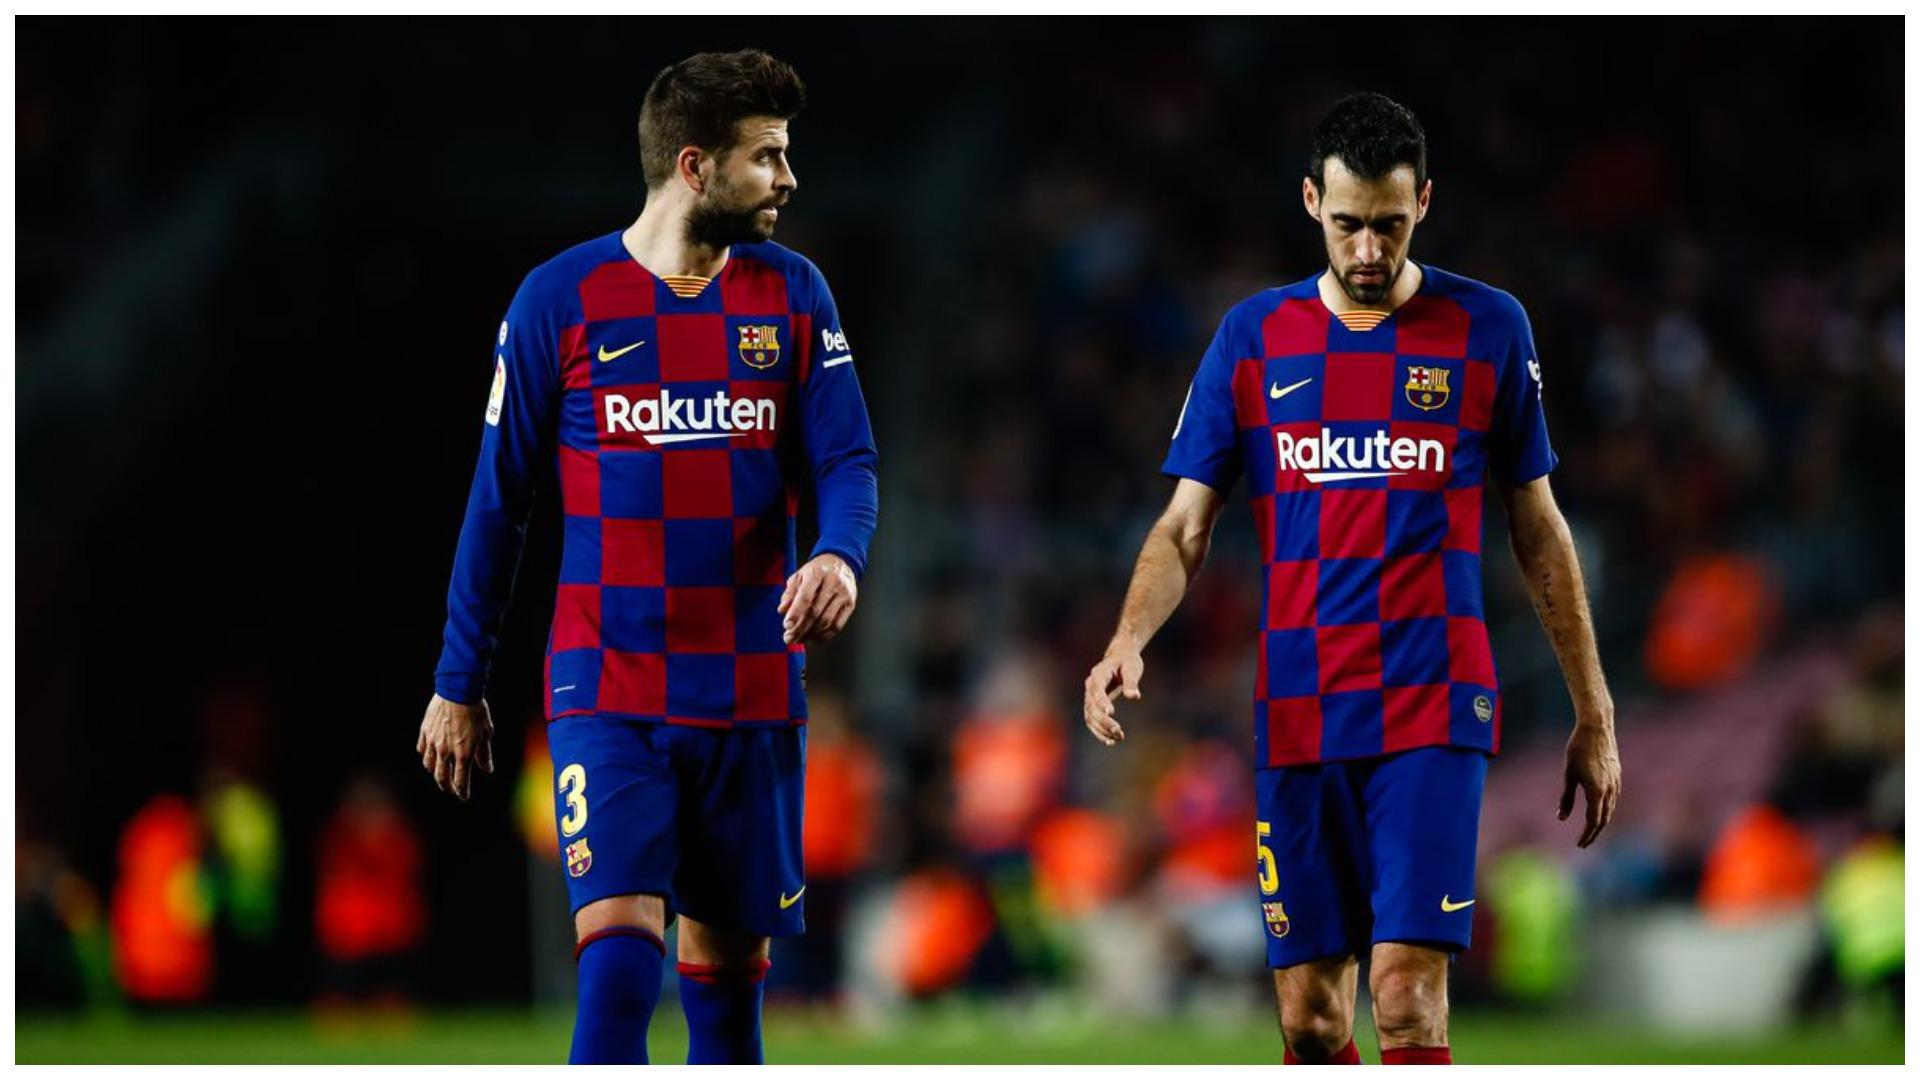 Po shkëlqen në La Liga, Reali e Barcelona sfidojnë klubet e Manchesterit